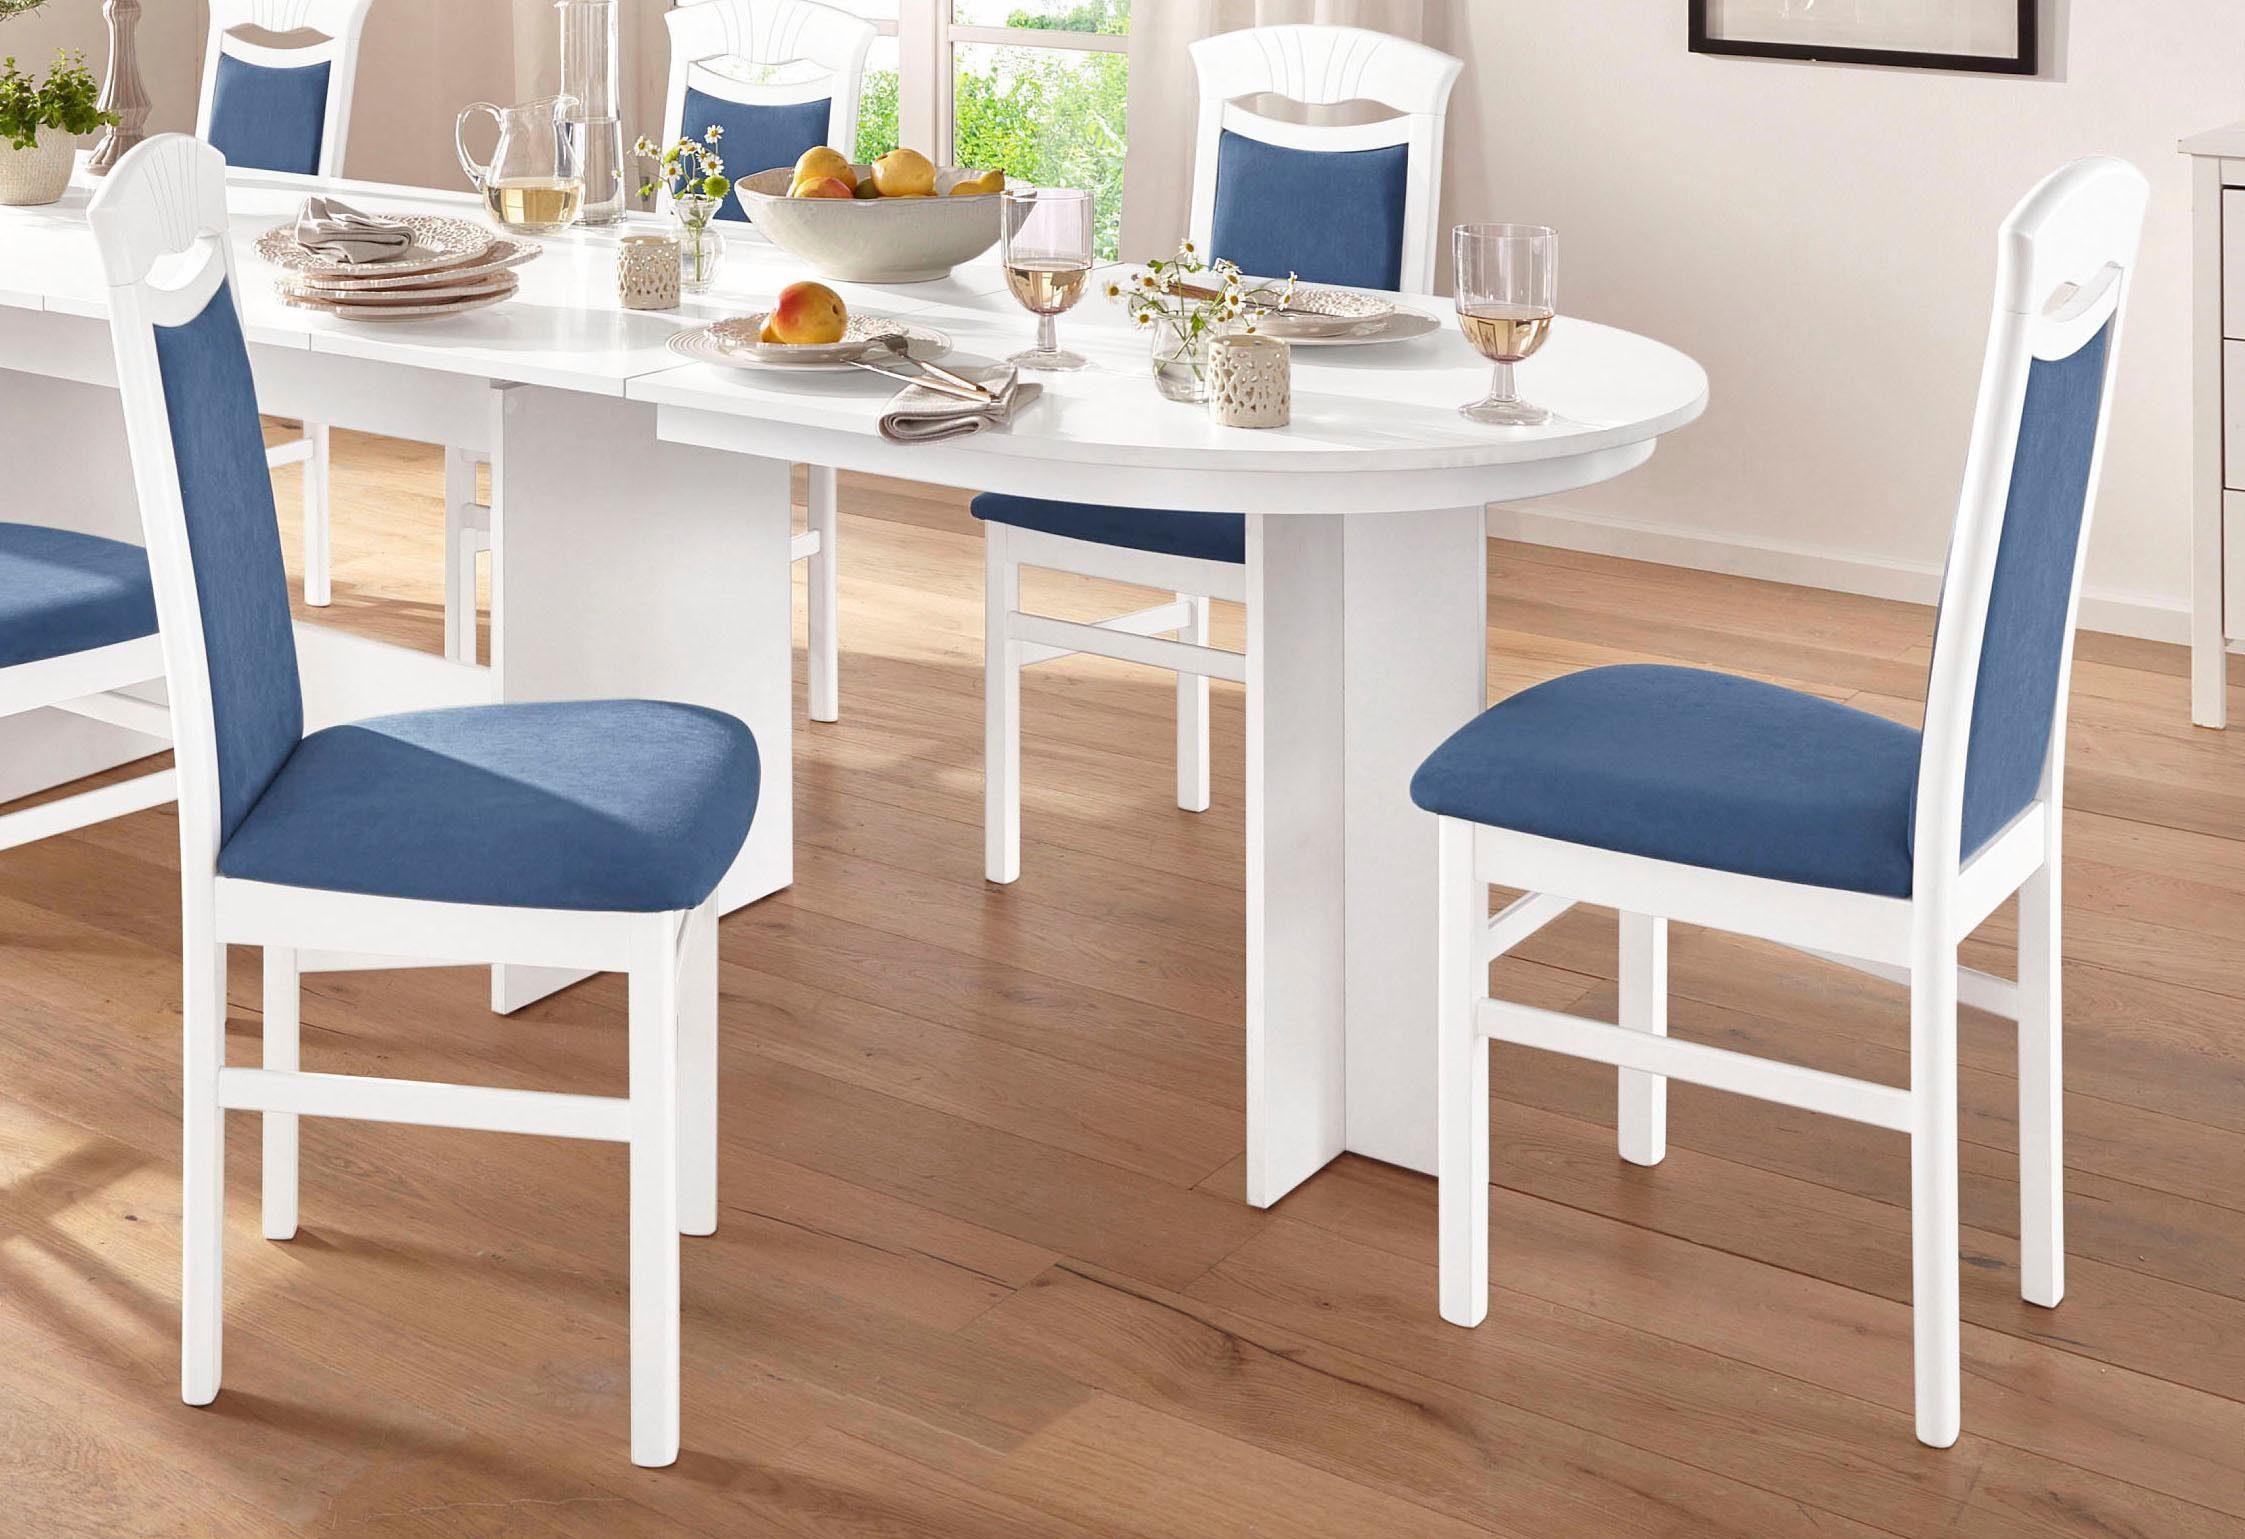 Stühle 2 Stück online kaufen   OTTO